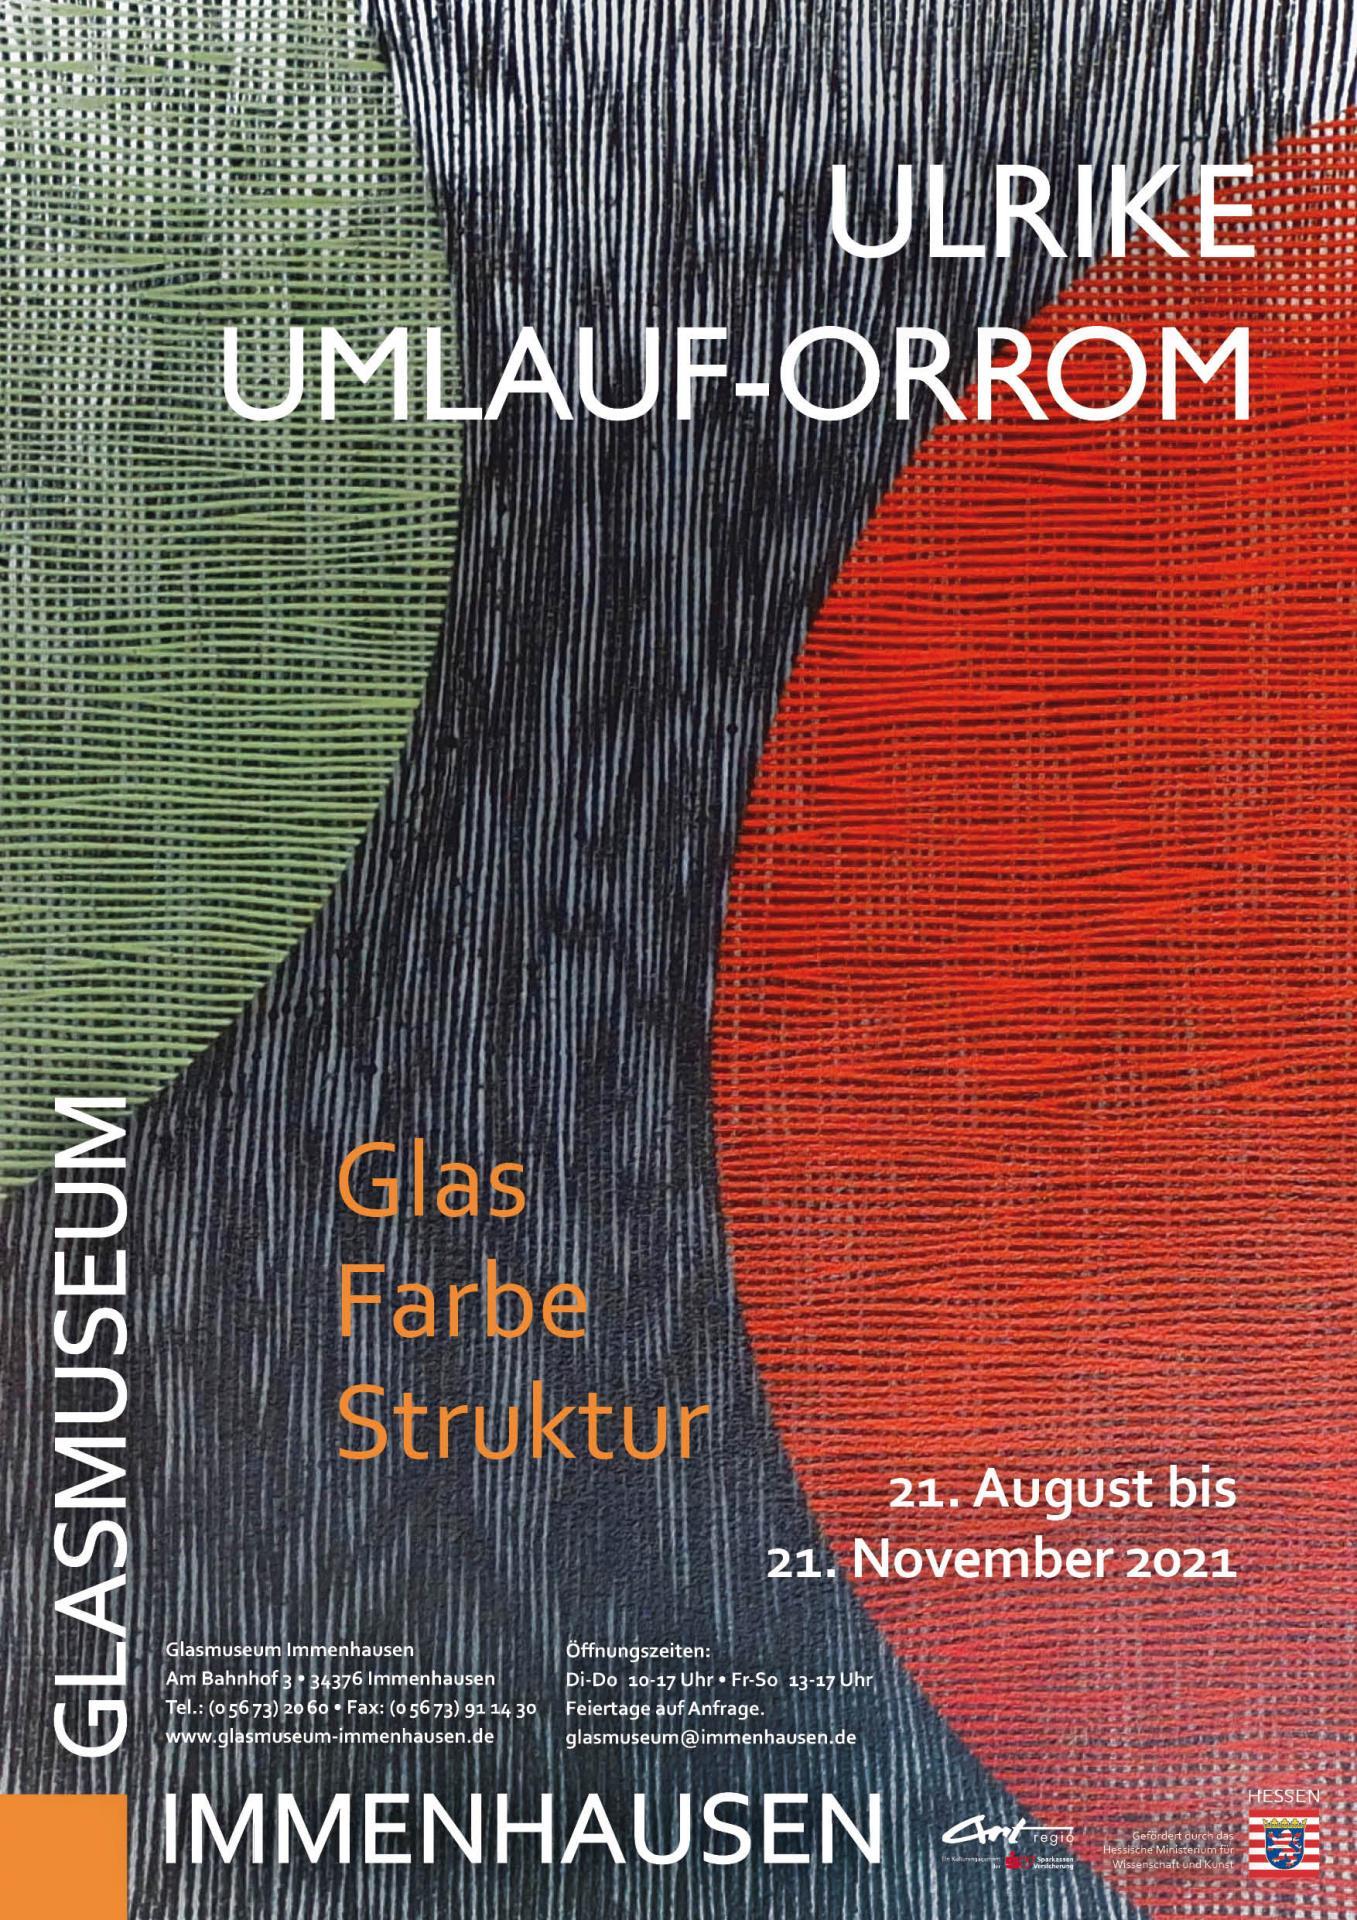 Plakat zur Ausstellung Ulrike. Umlauf-Orrom